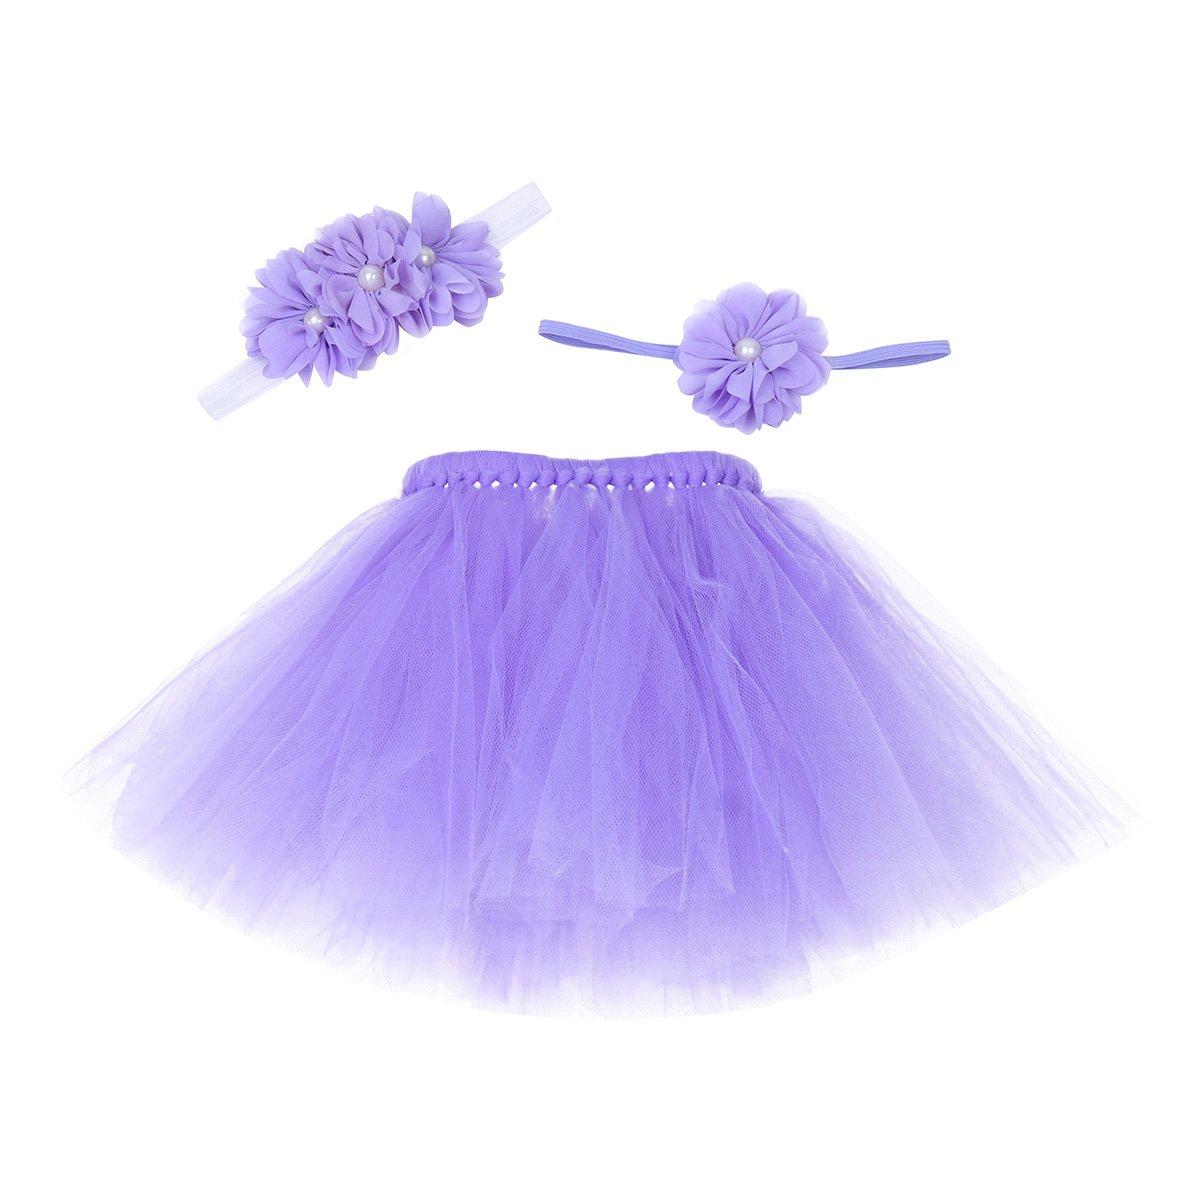 iiniim Bébé Déguisement Costume Prop Photographie Outfits Ensembles Tutu Jupe et Bandeau Cheveux Fleur Nouveau-né 0-12 mois